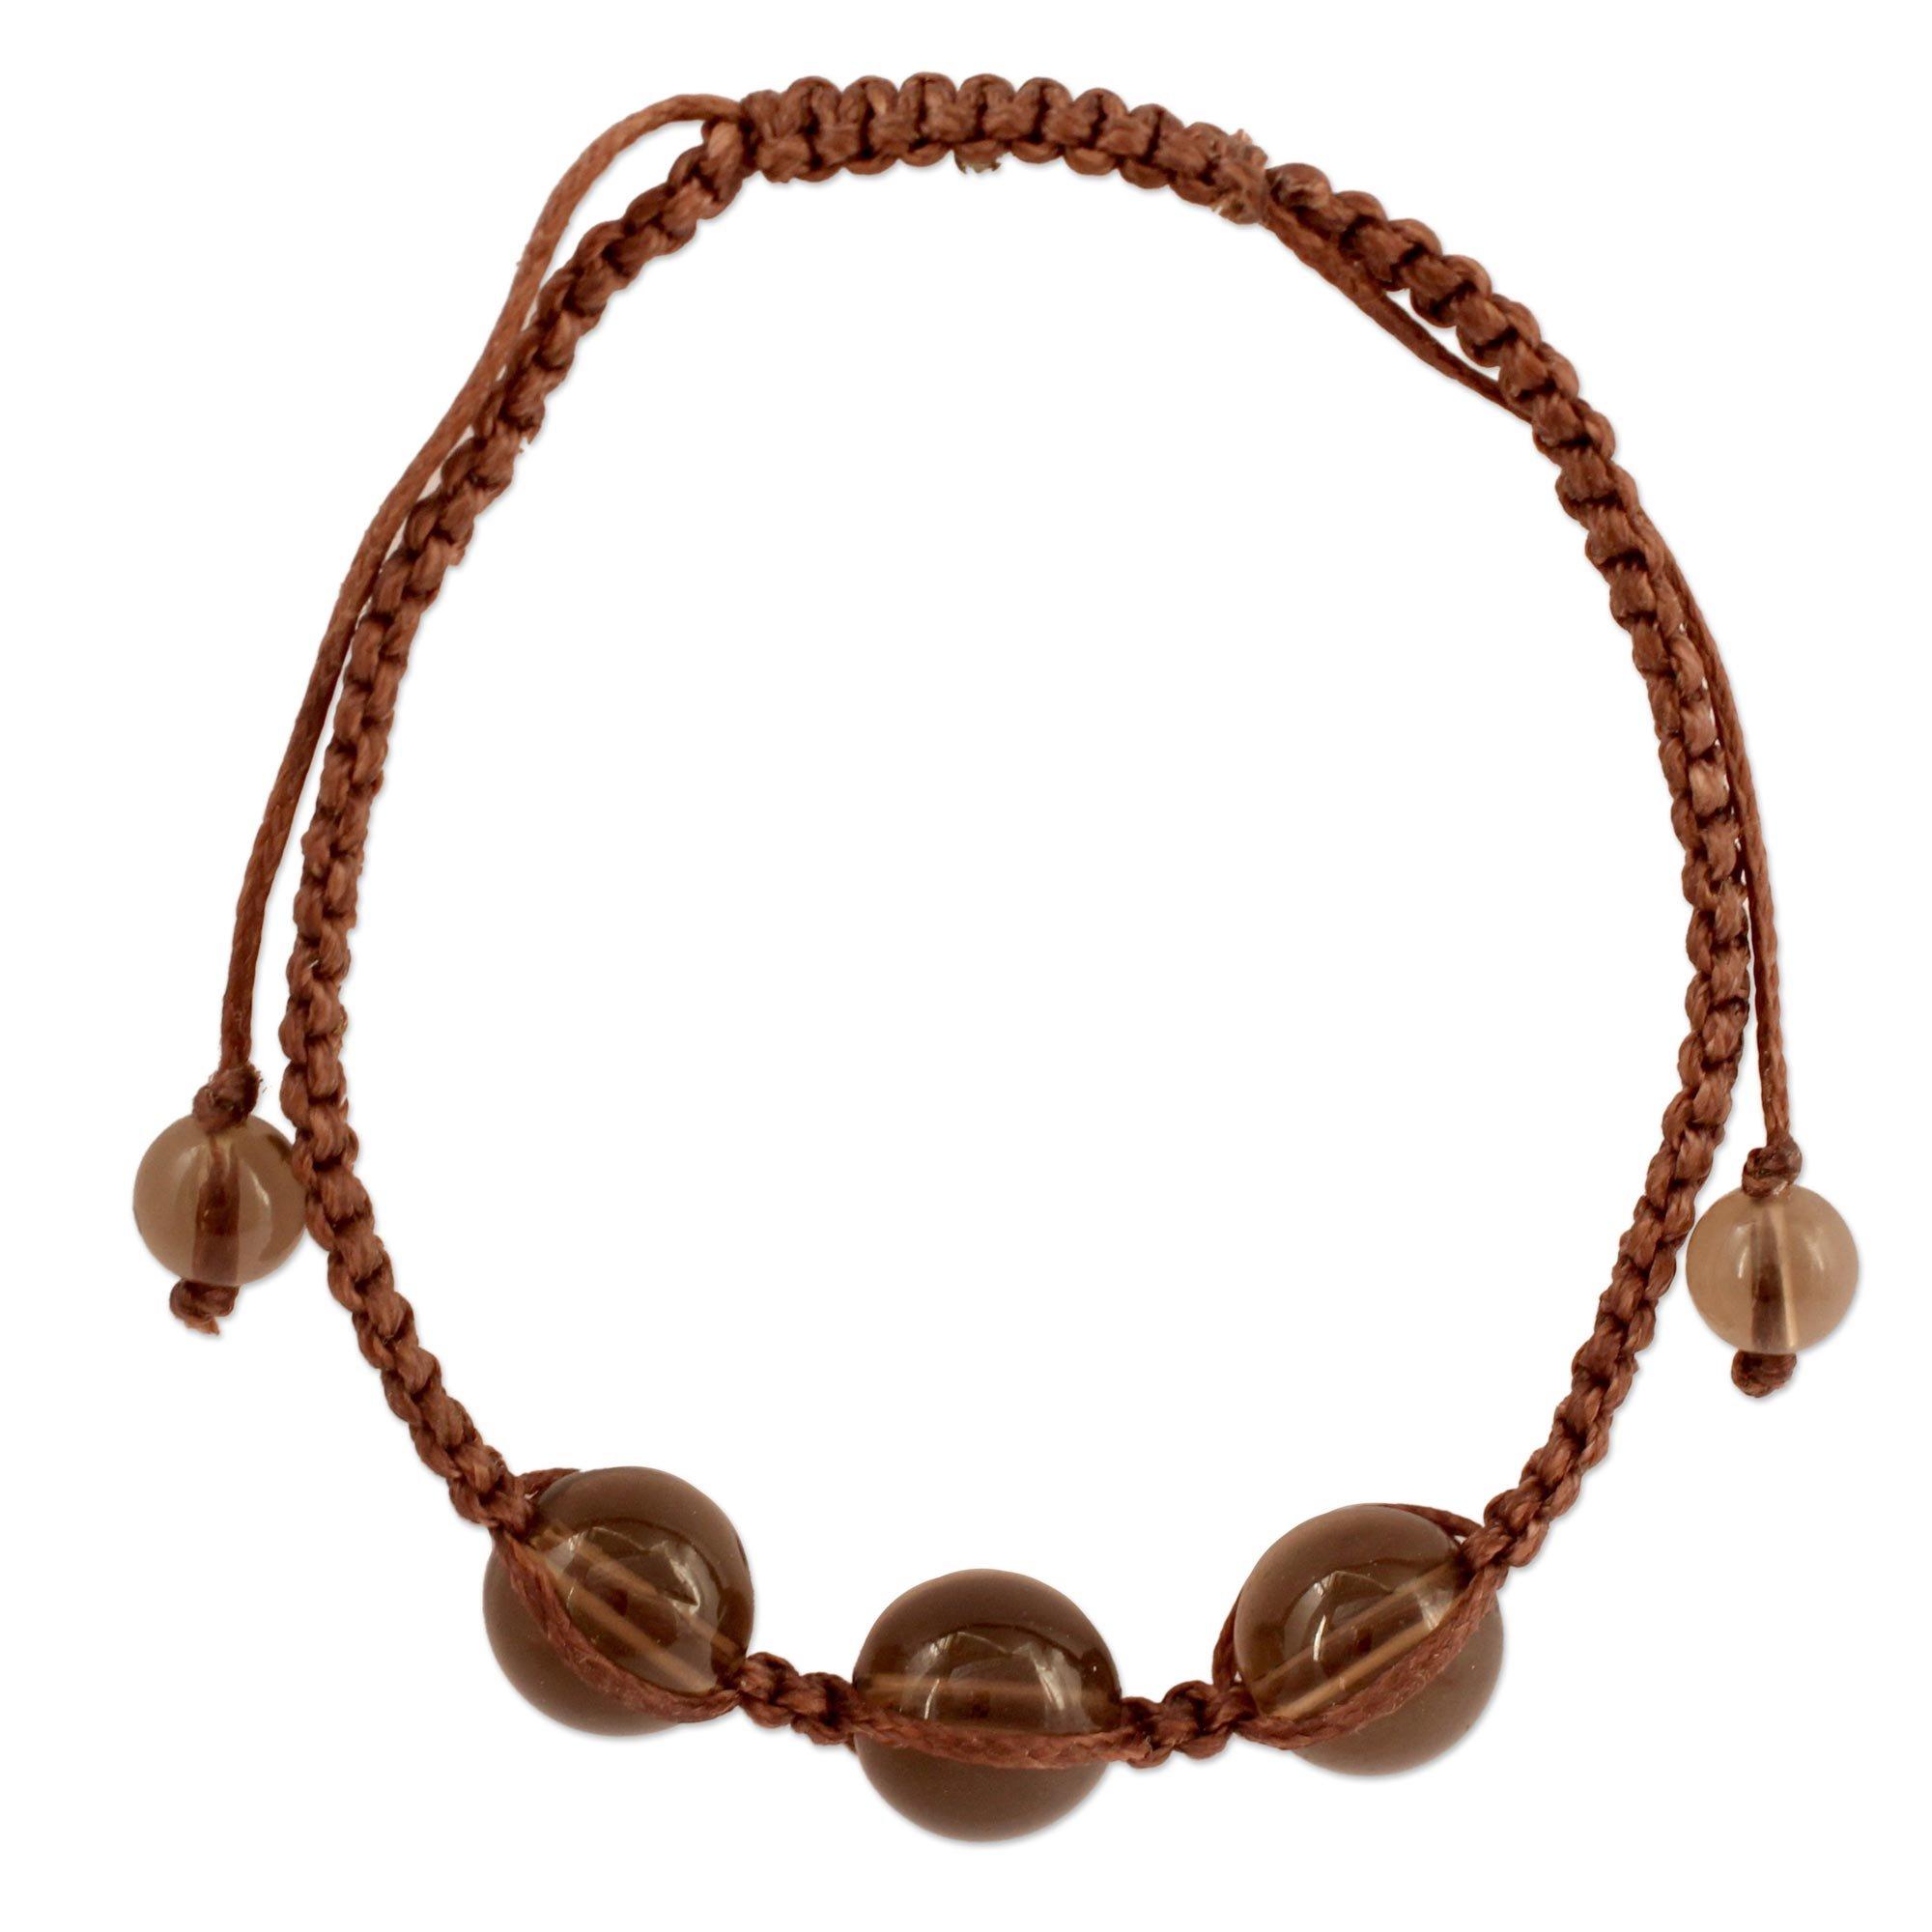 NOVICA Smoky Quartz Beaded Shambhala Style Bracelet 'Enduring Peace', 6.25'' - 9.75''